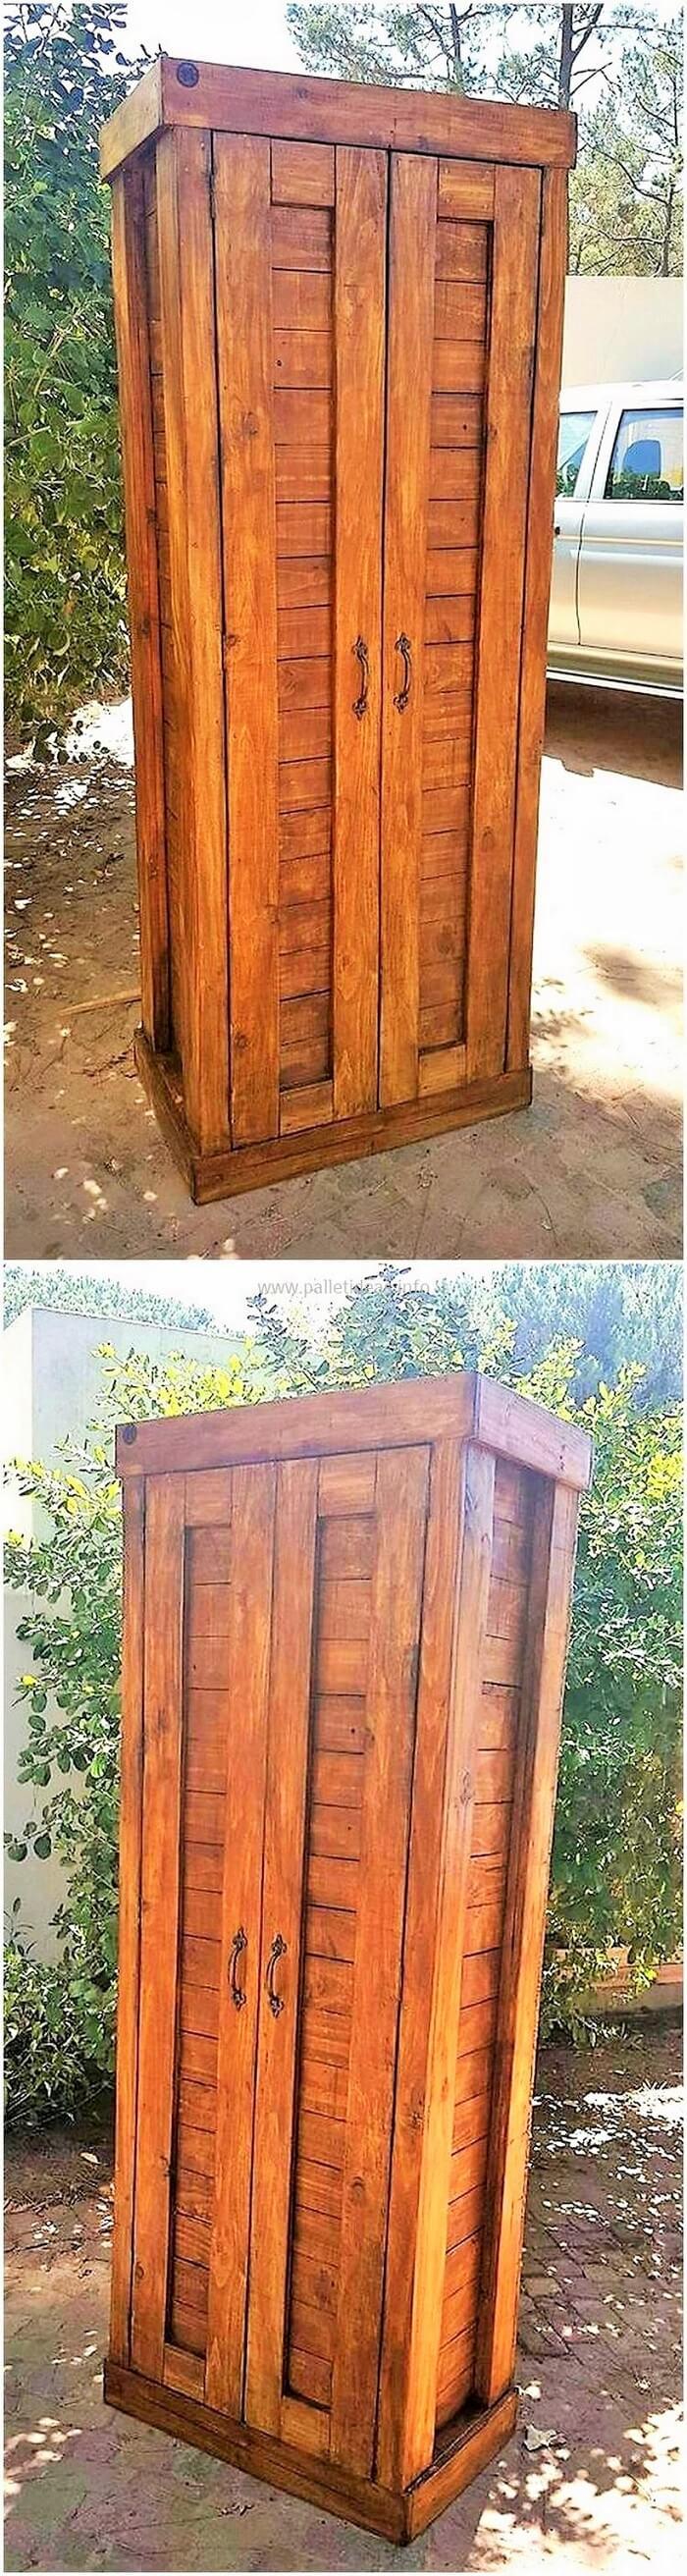 DIY-wood-pallet-closet